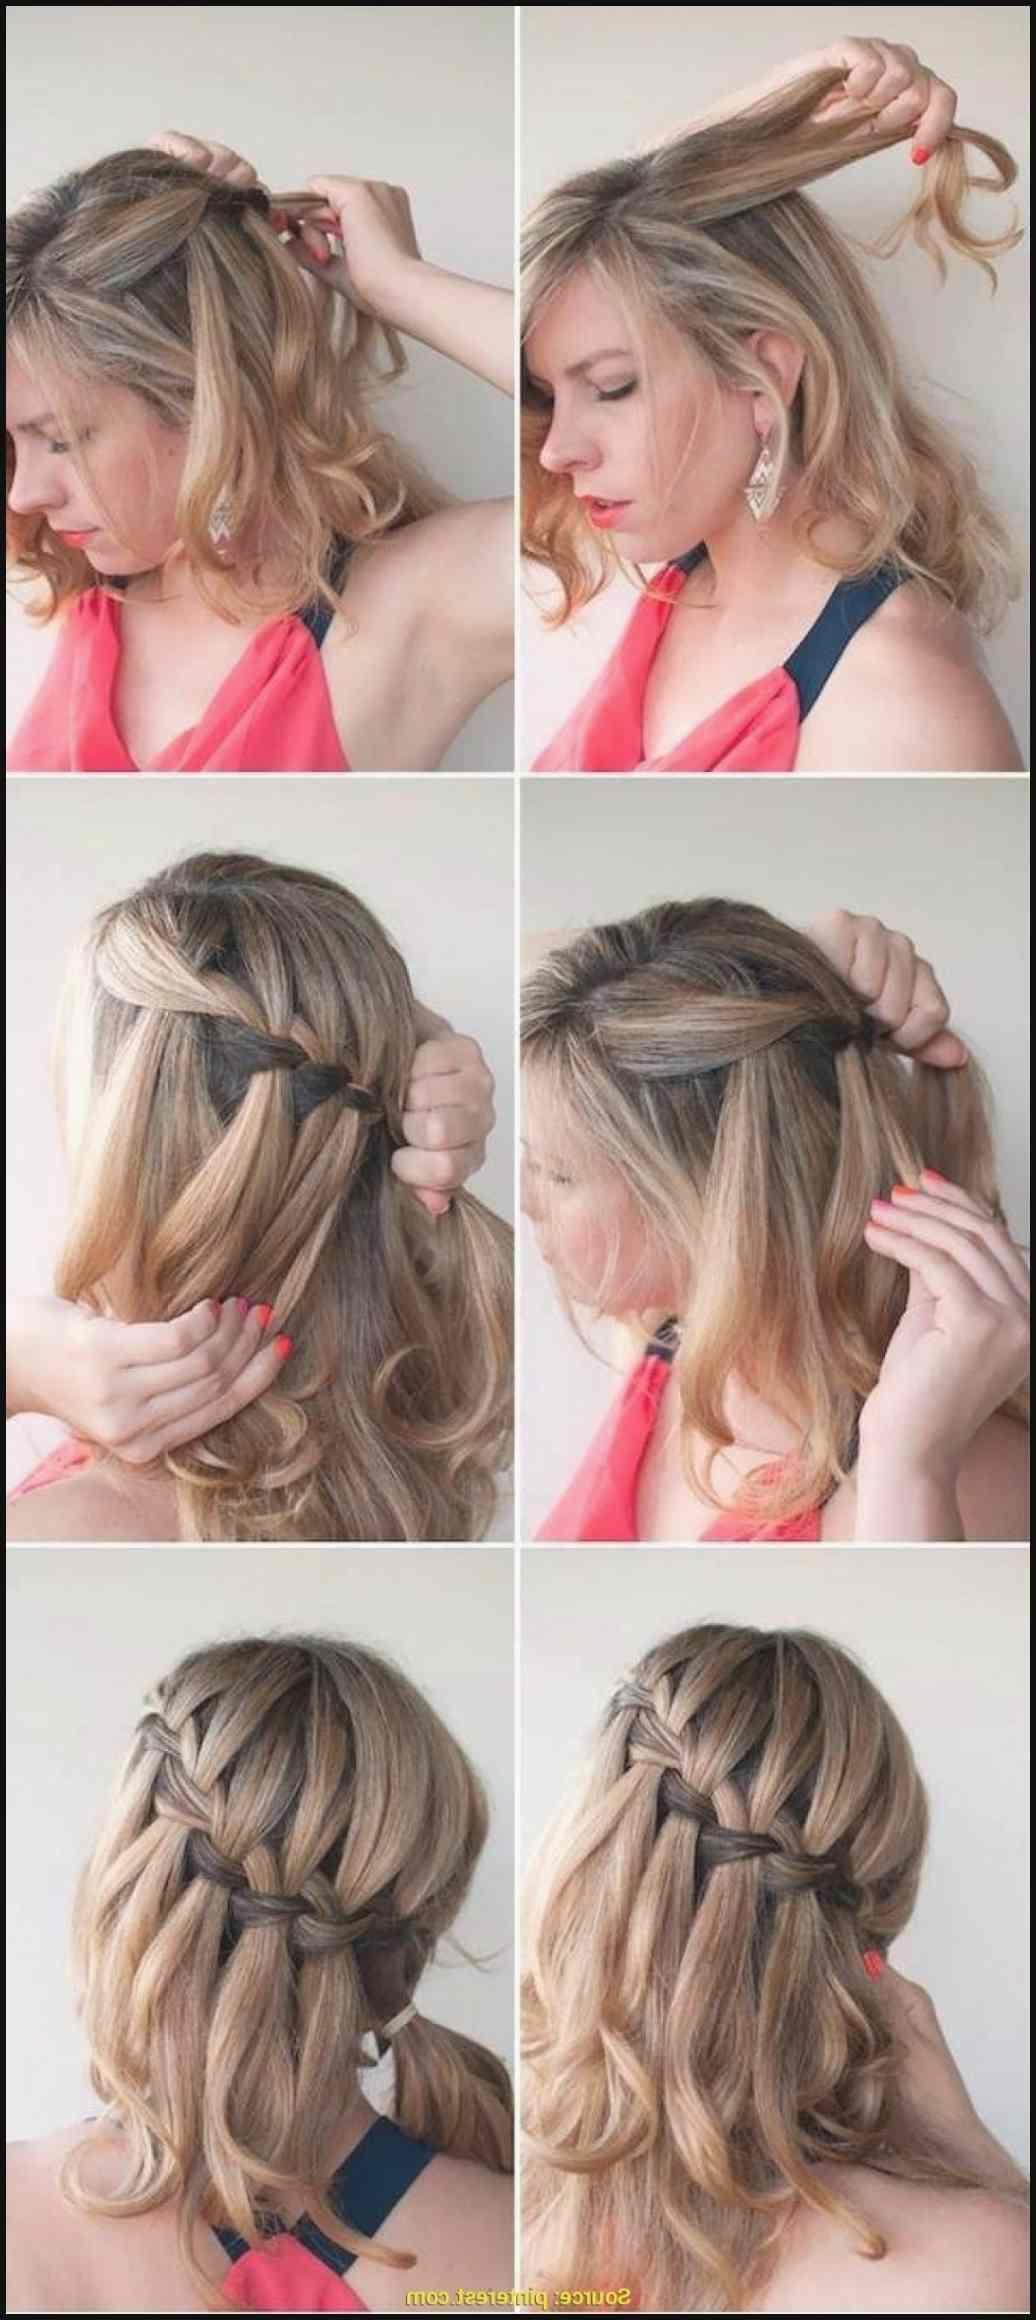 Frisuren für Kurze Haare Anleitung 11.  Einfache Frisuren